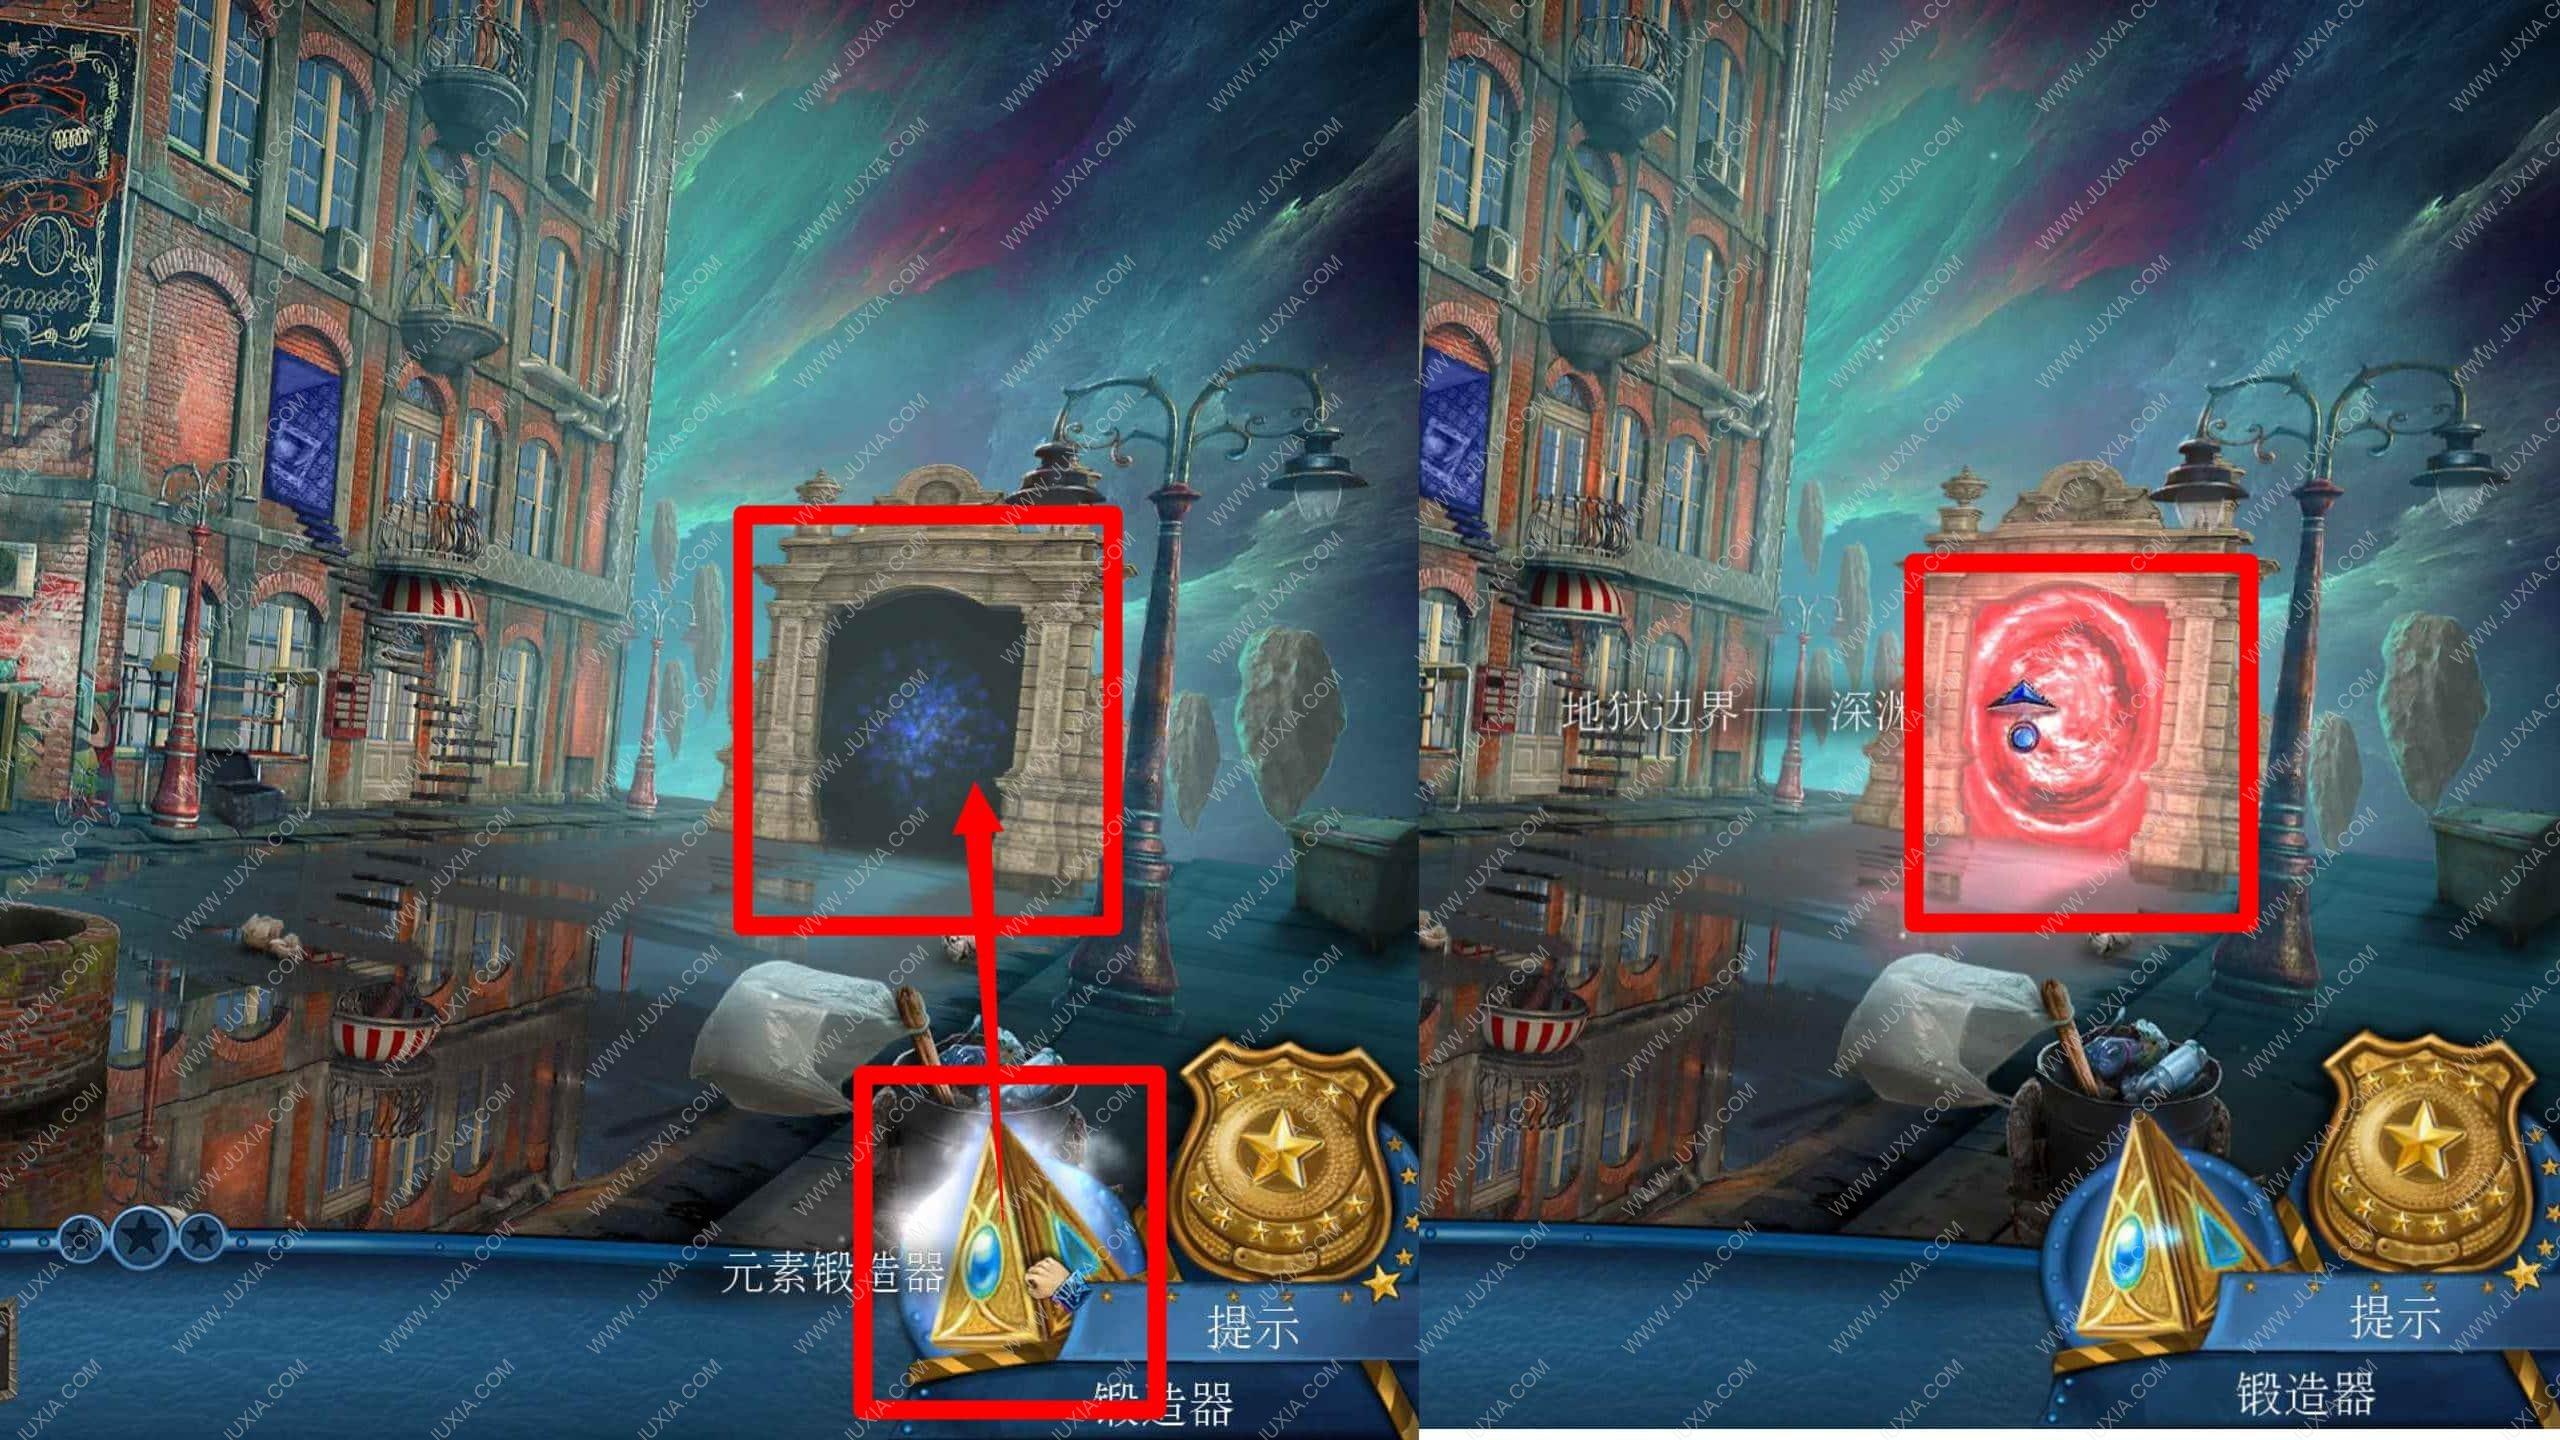 密室逃脱滚动迷城攻略奖励章节第一部分 寻物游戏怎么过